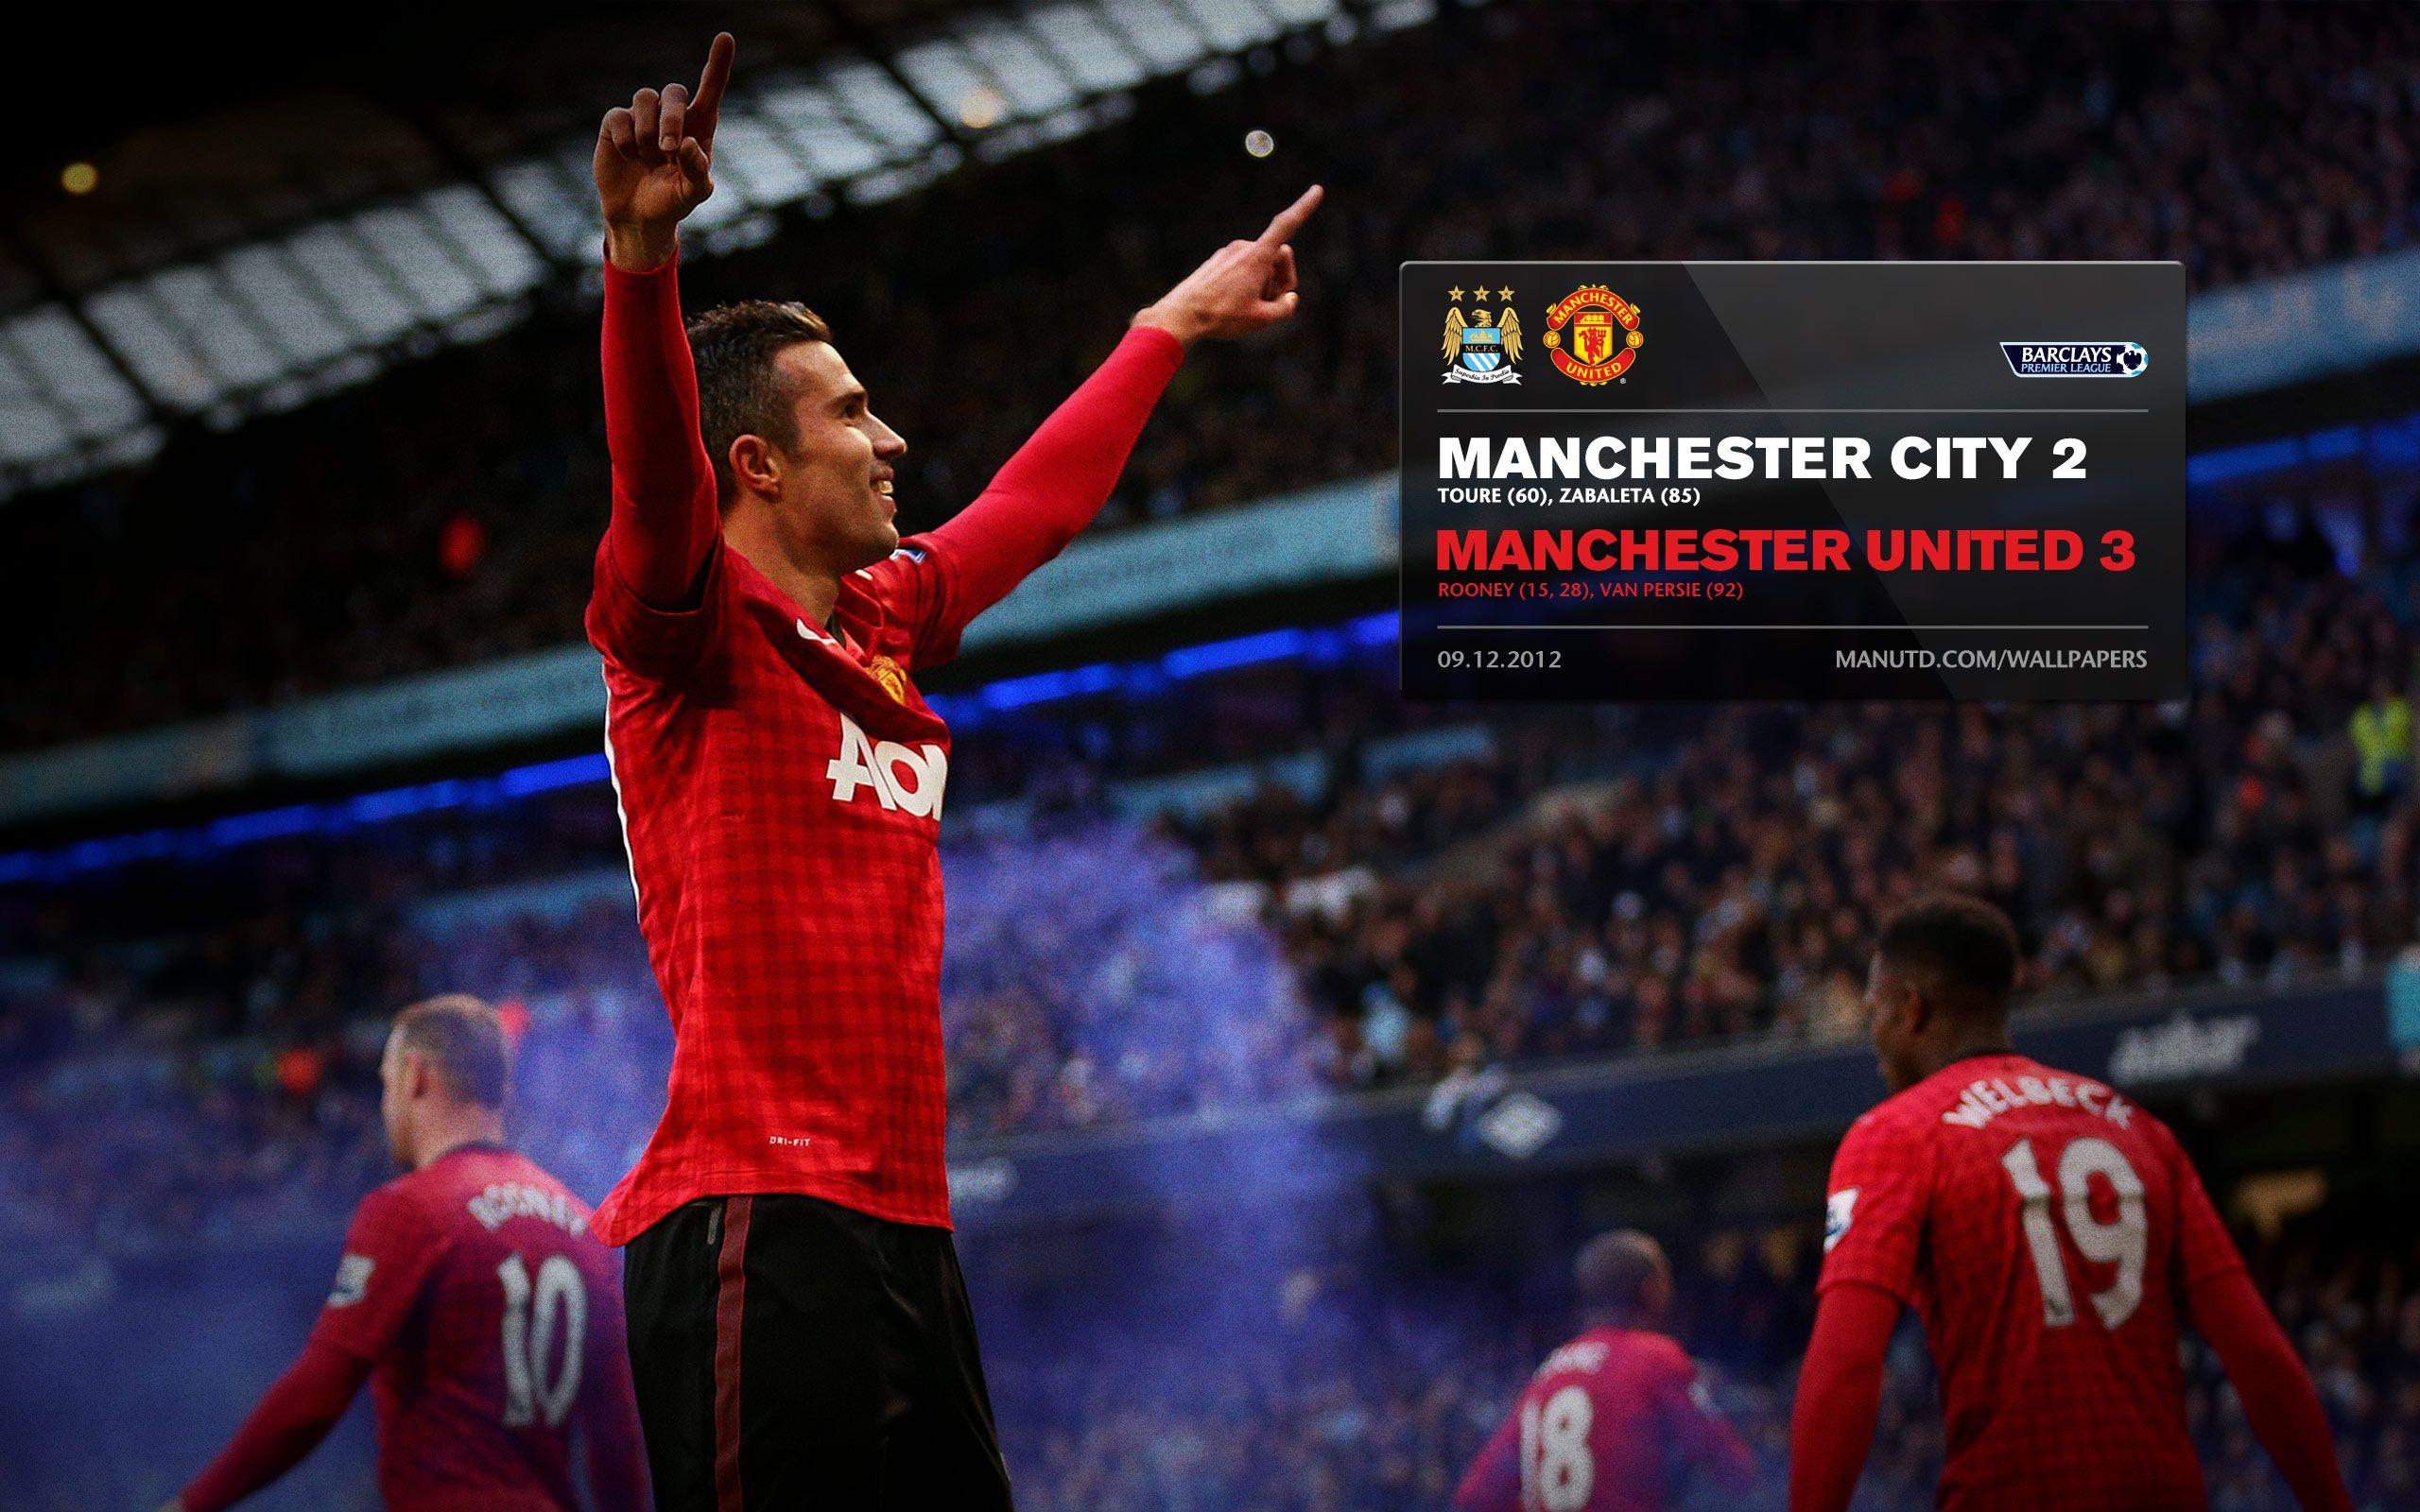 09 Dec Barclays Premier League - Manchester City (A)